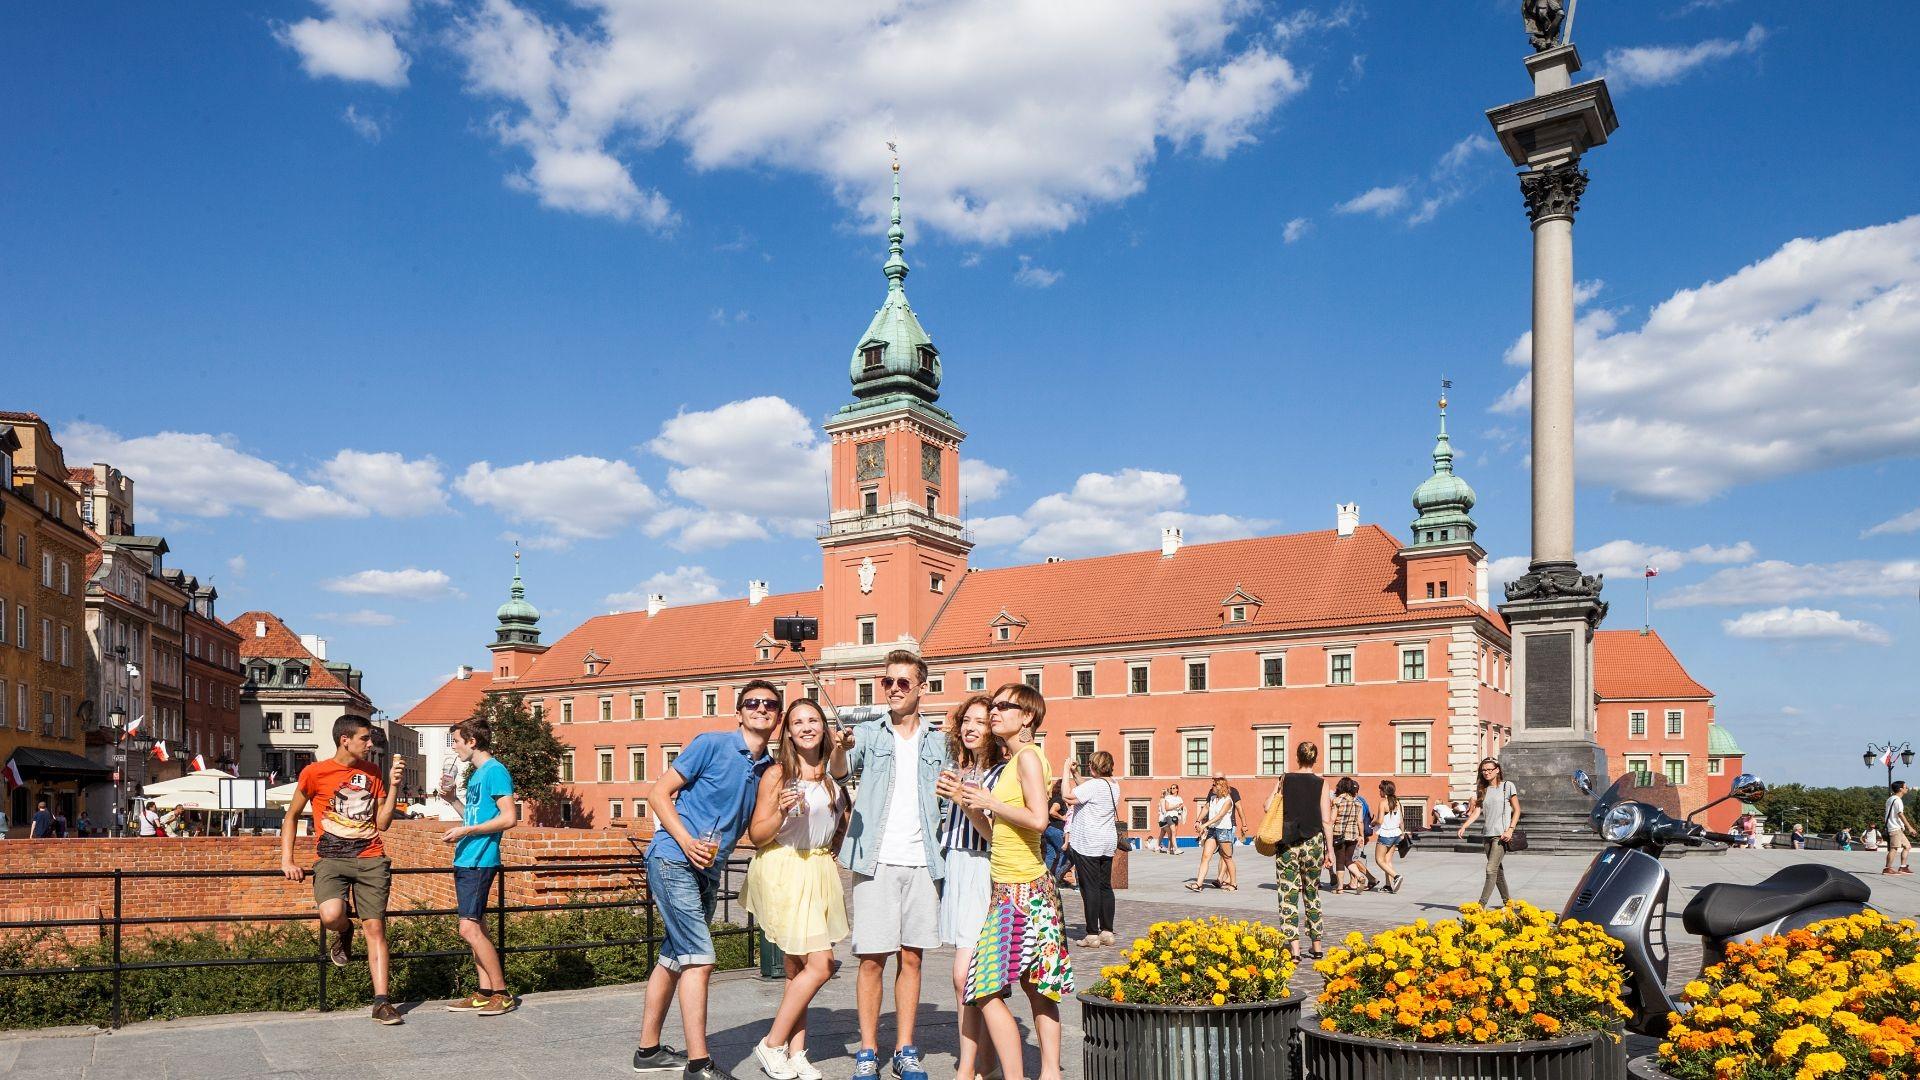 Plac Zamkowy_fot